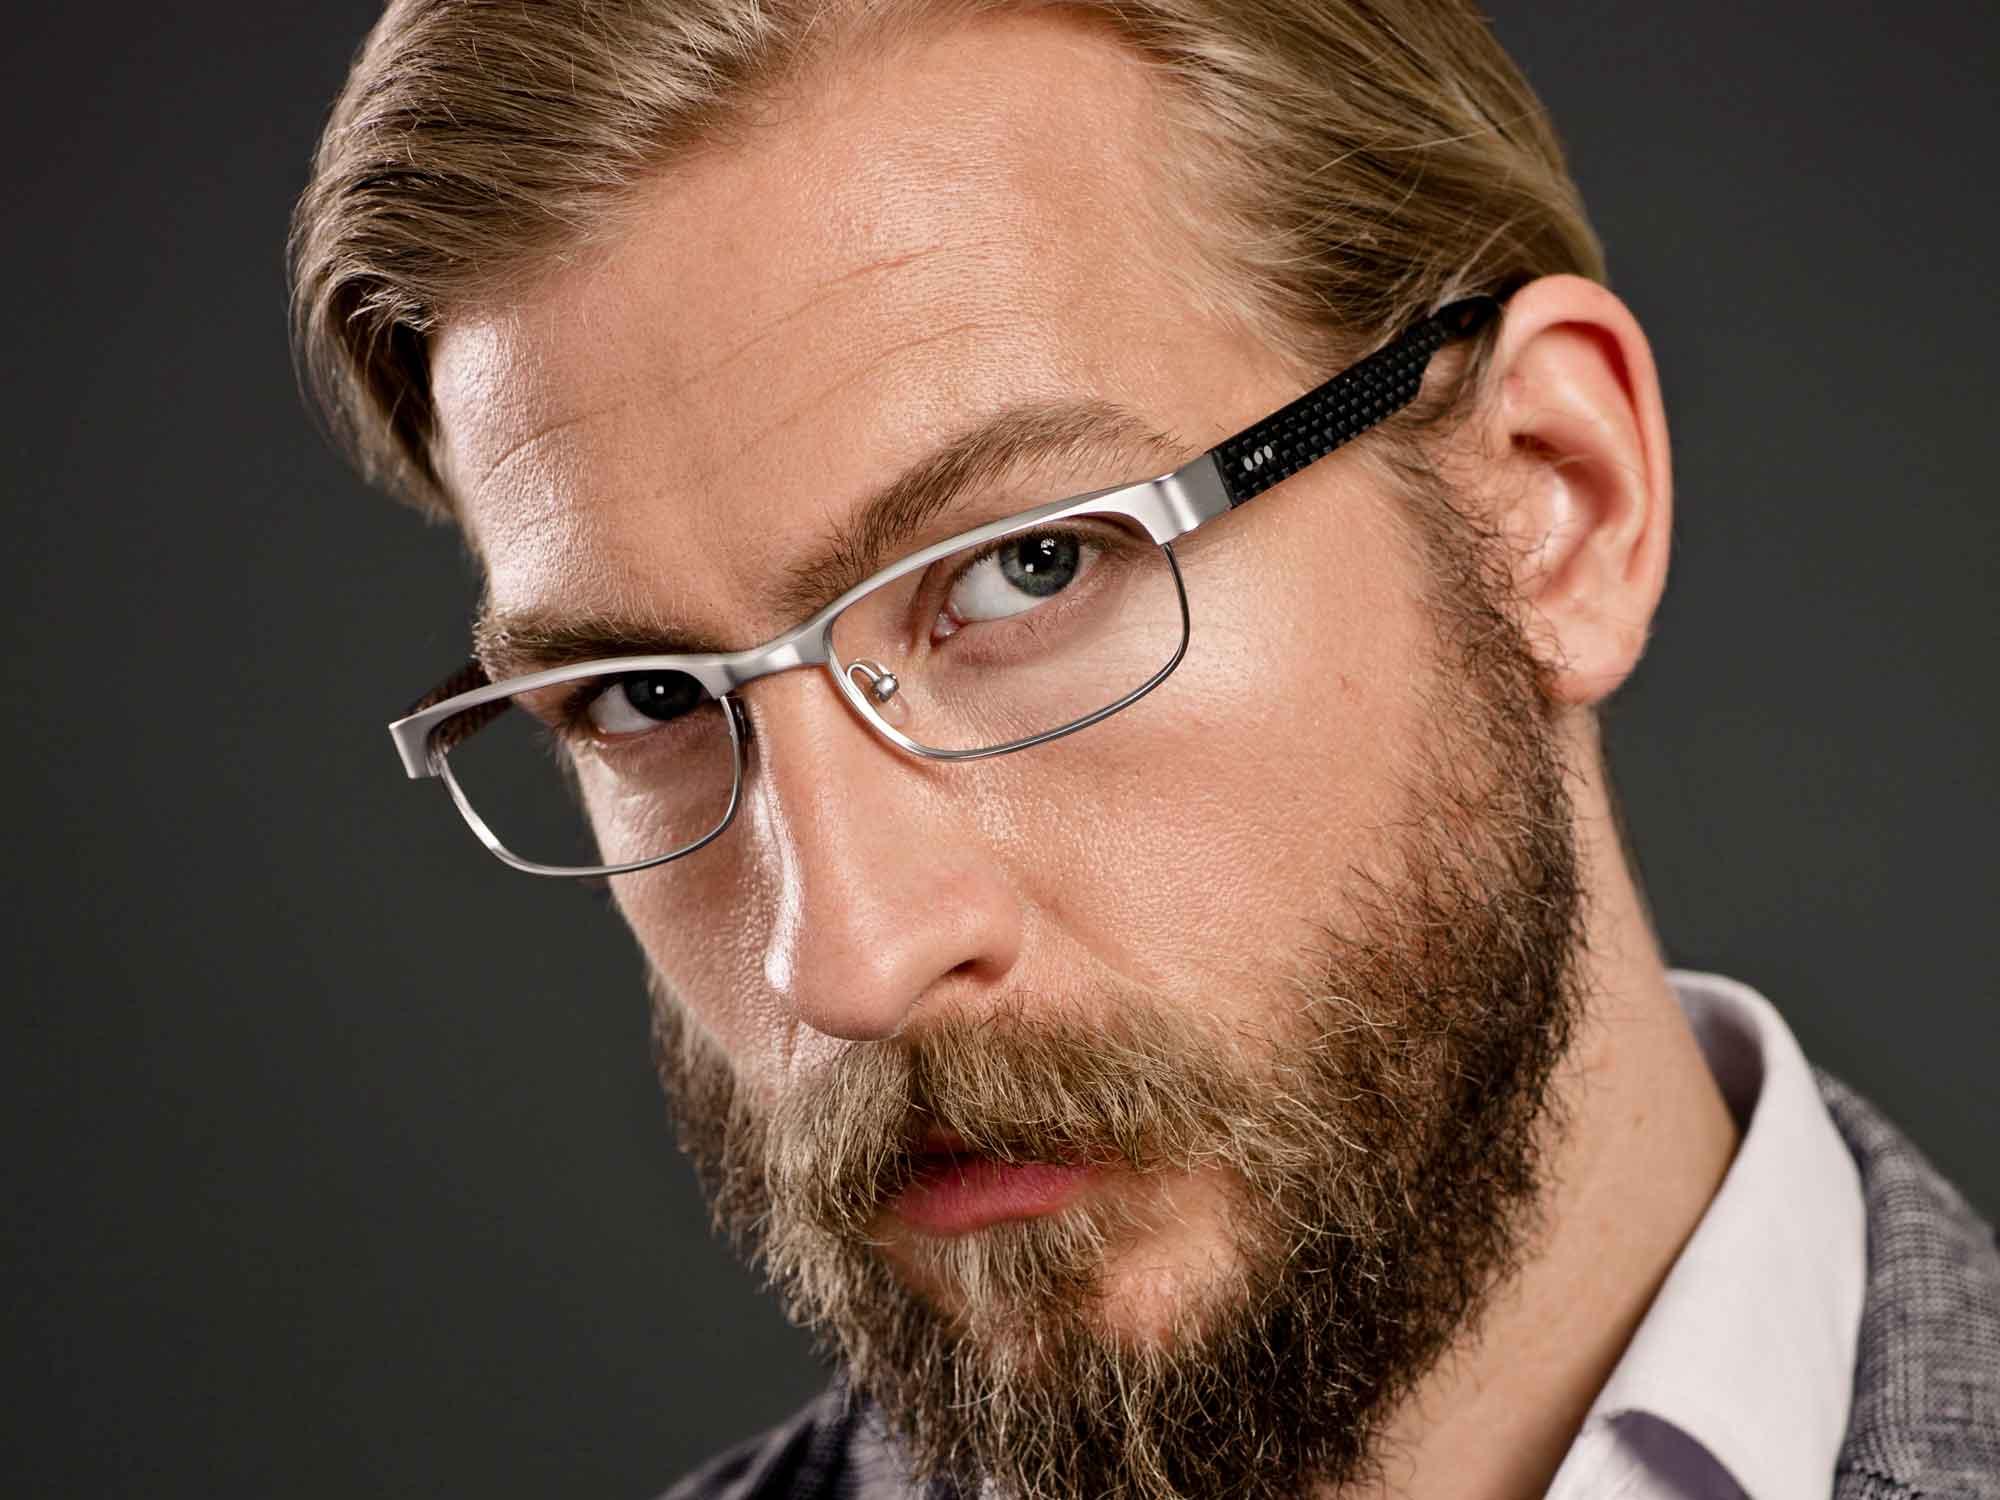 comprar online 4685e 1c13d Monturas para hombre: cómo ser más atractivo con gafas